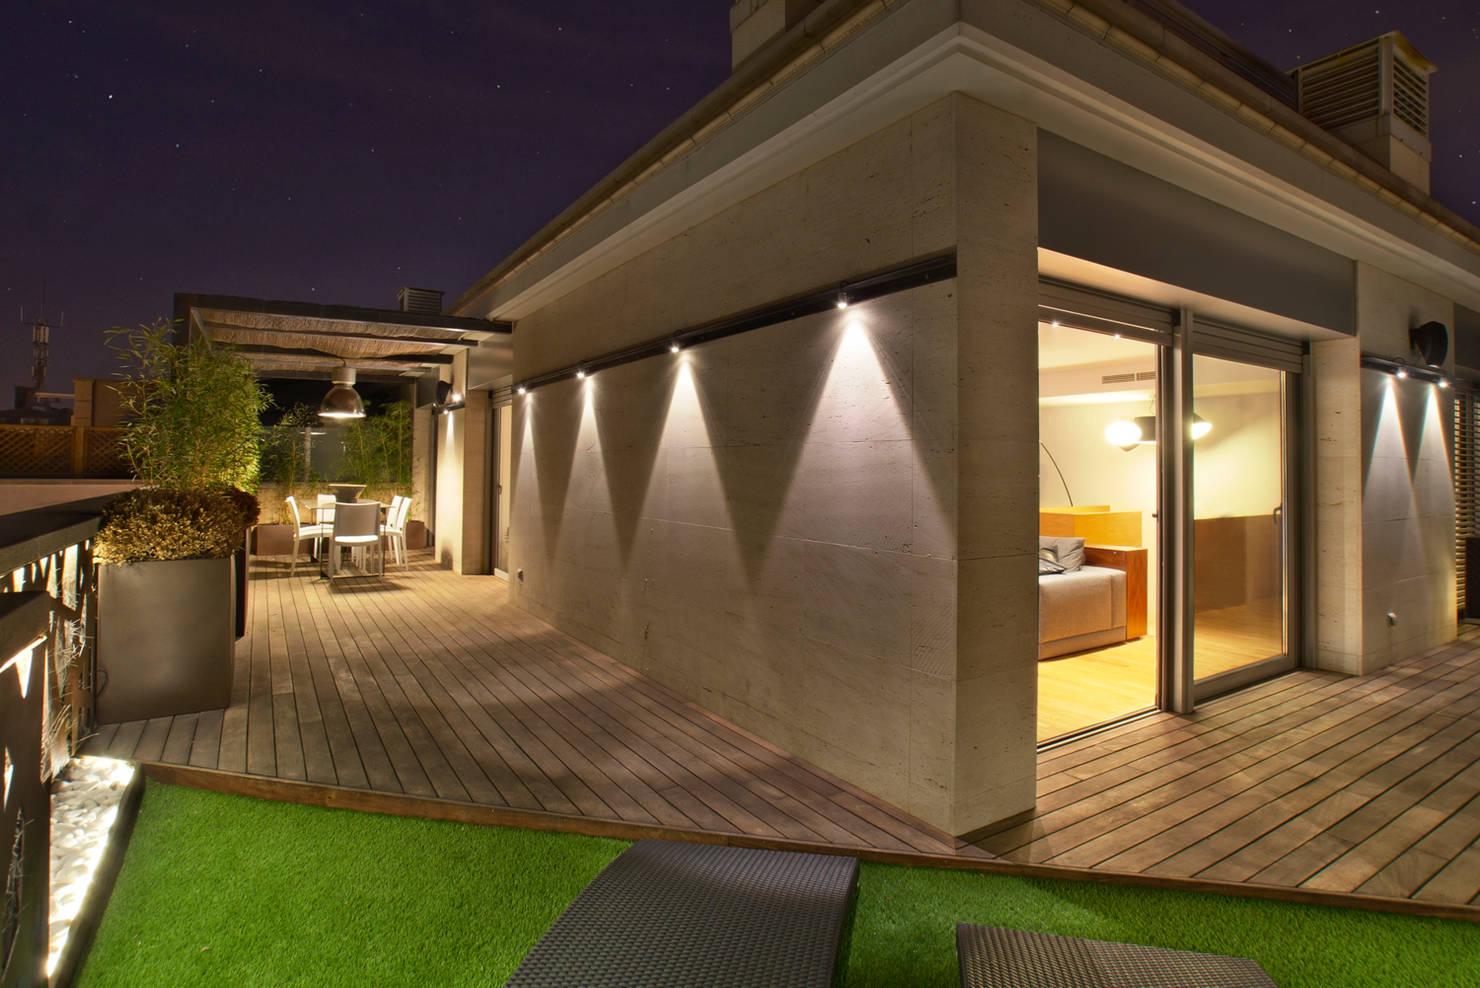 28 ideias incríveis para iluminar as paredes da sua casa